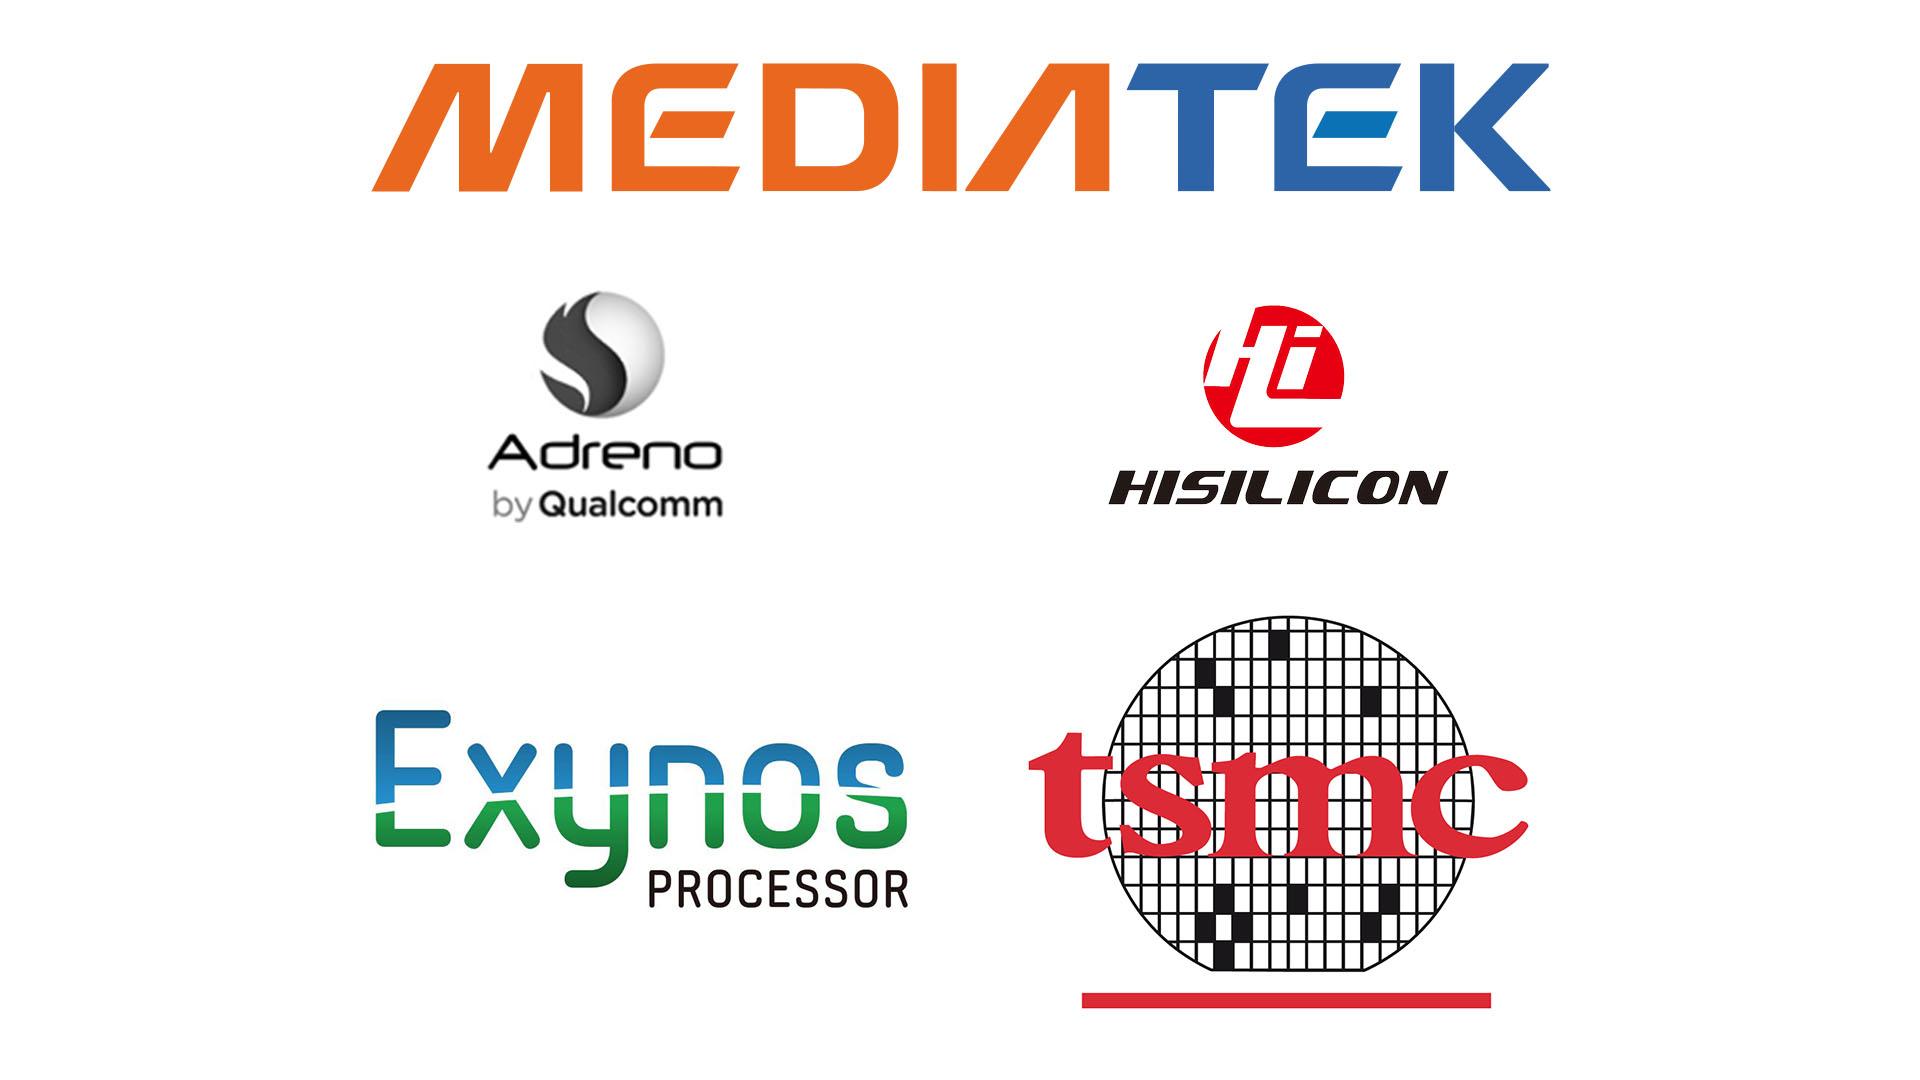 Helio X30: come Mediatek a piccoli passi (e piccoli prezzi) sta cambiando il mercato